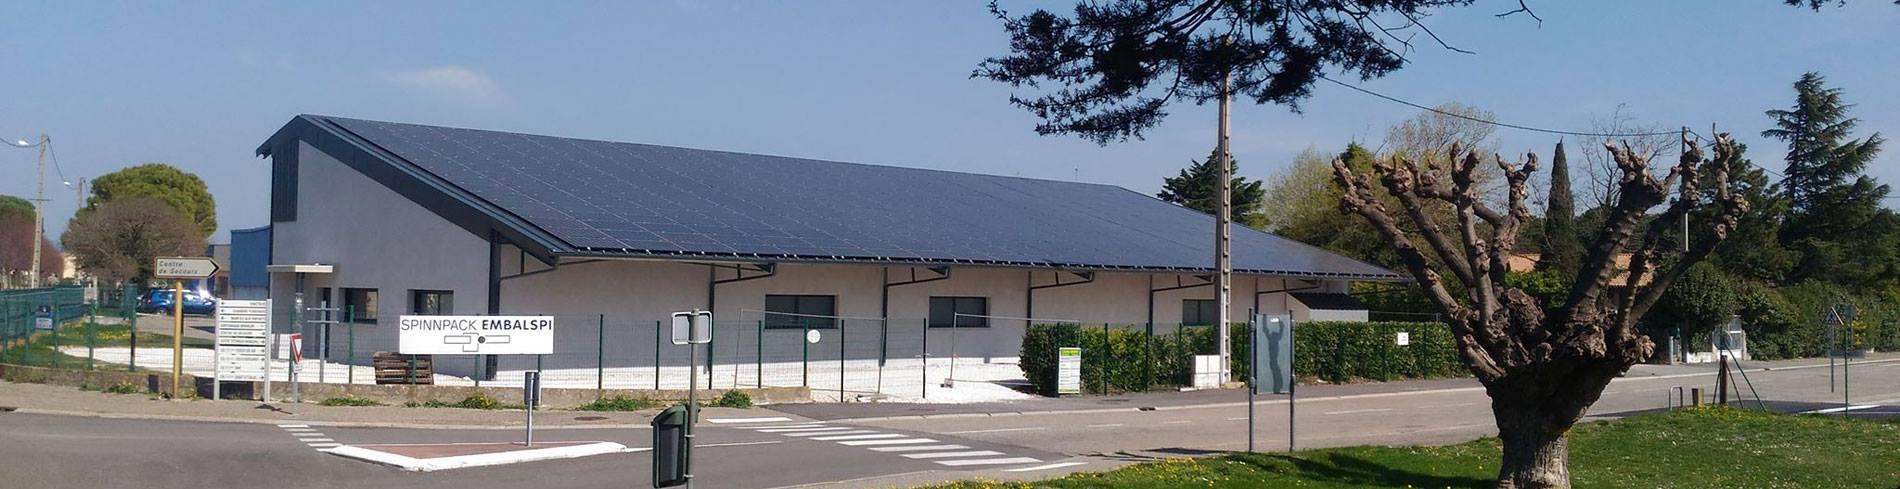 Hangar photovolta que la r union co solution nergie - Hangar agricole photovoltaique gratuit ...